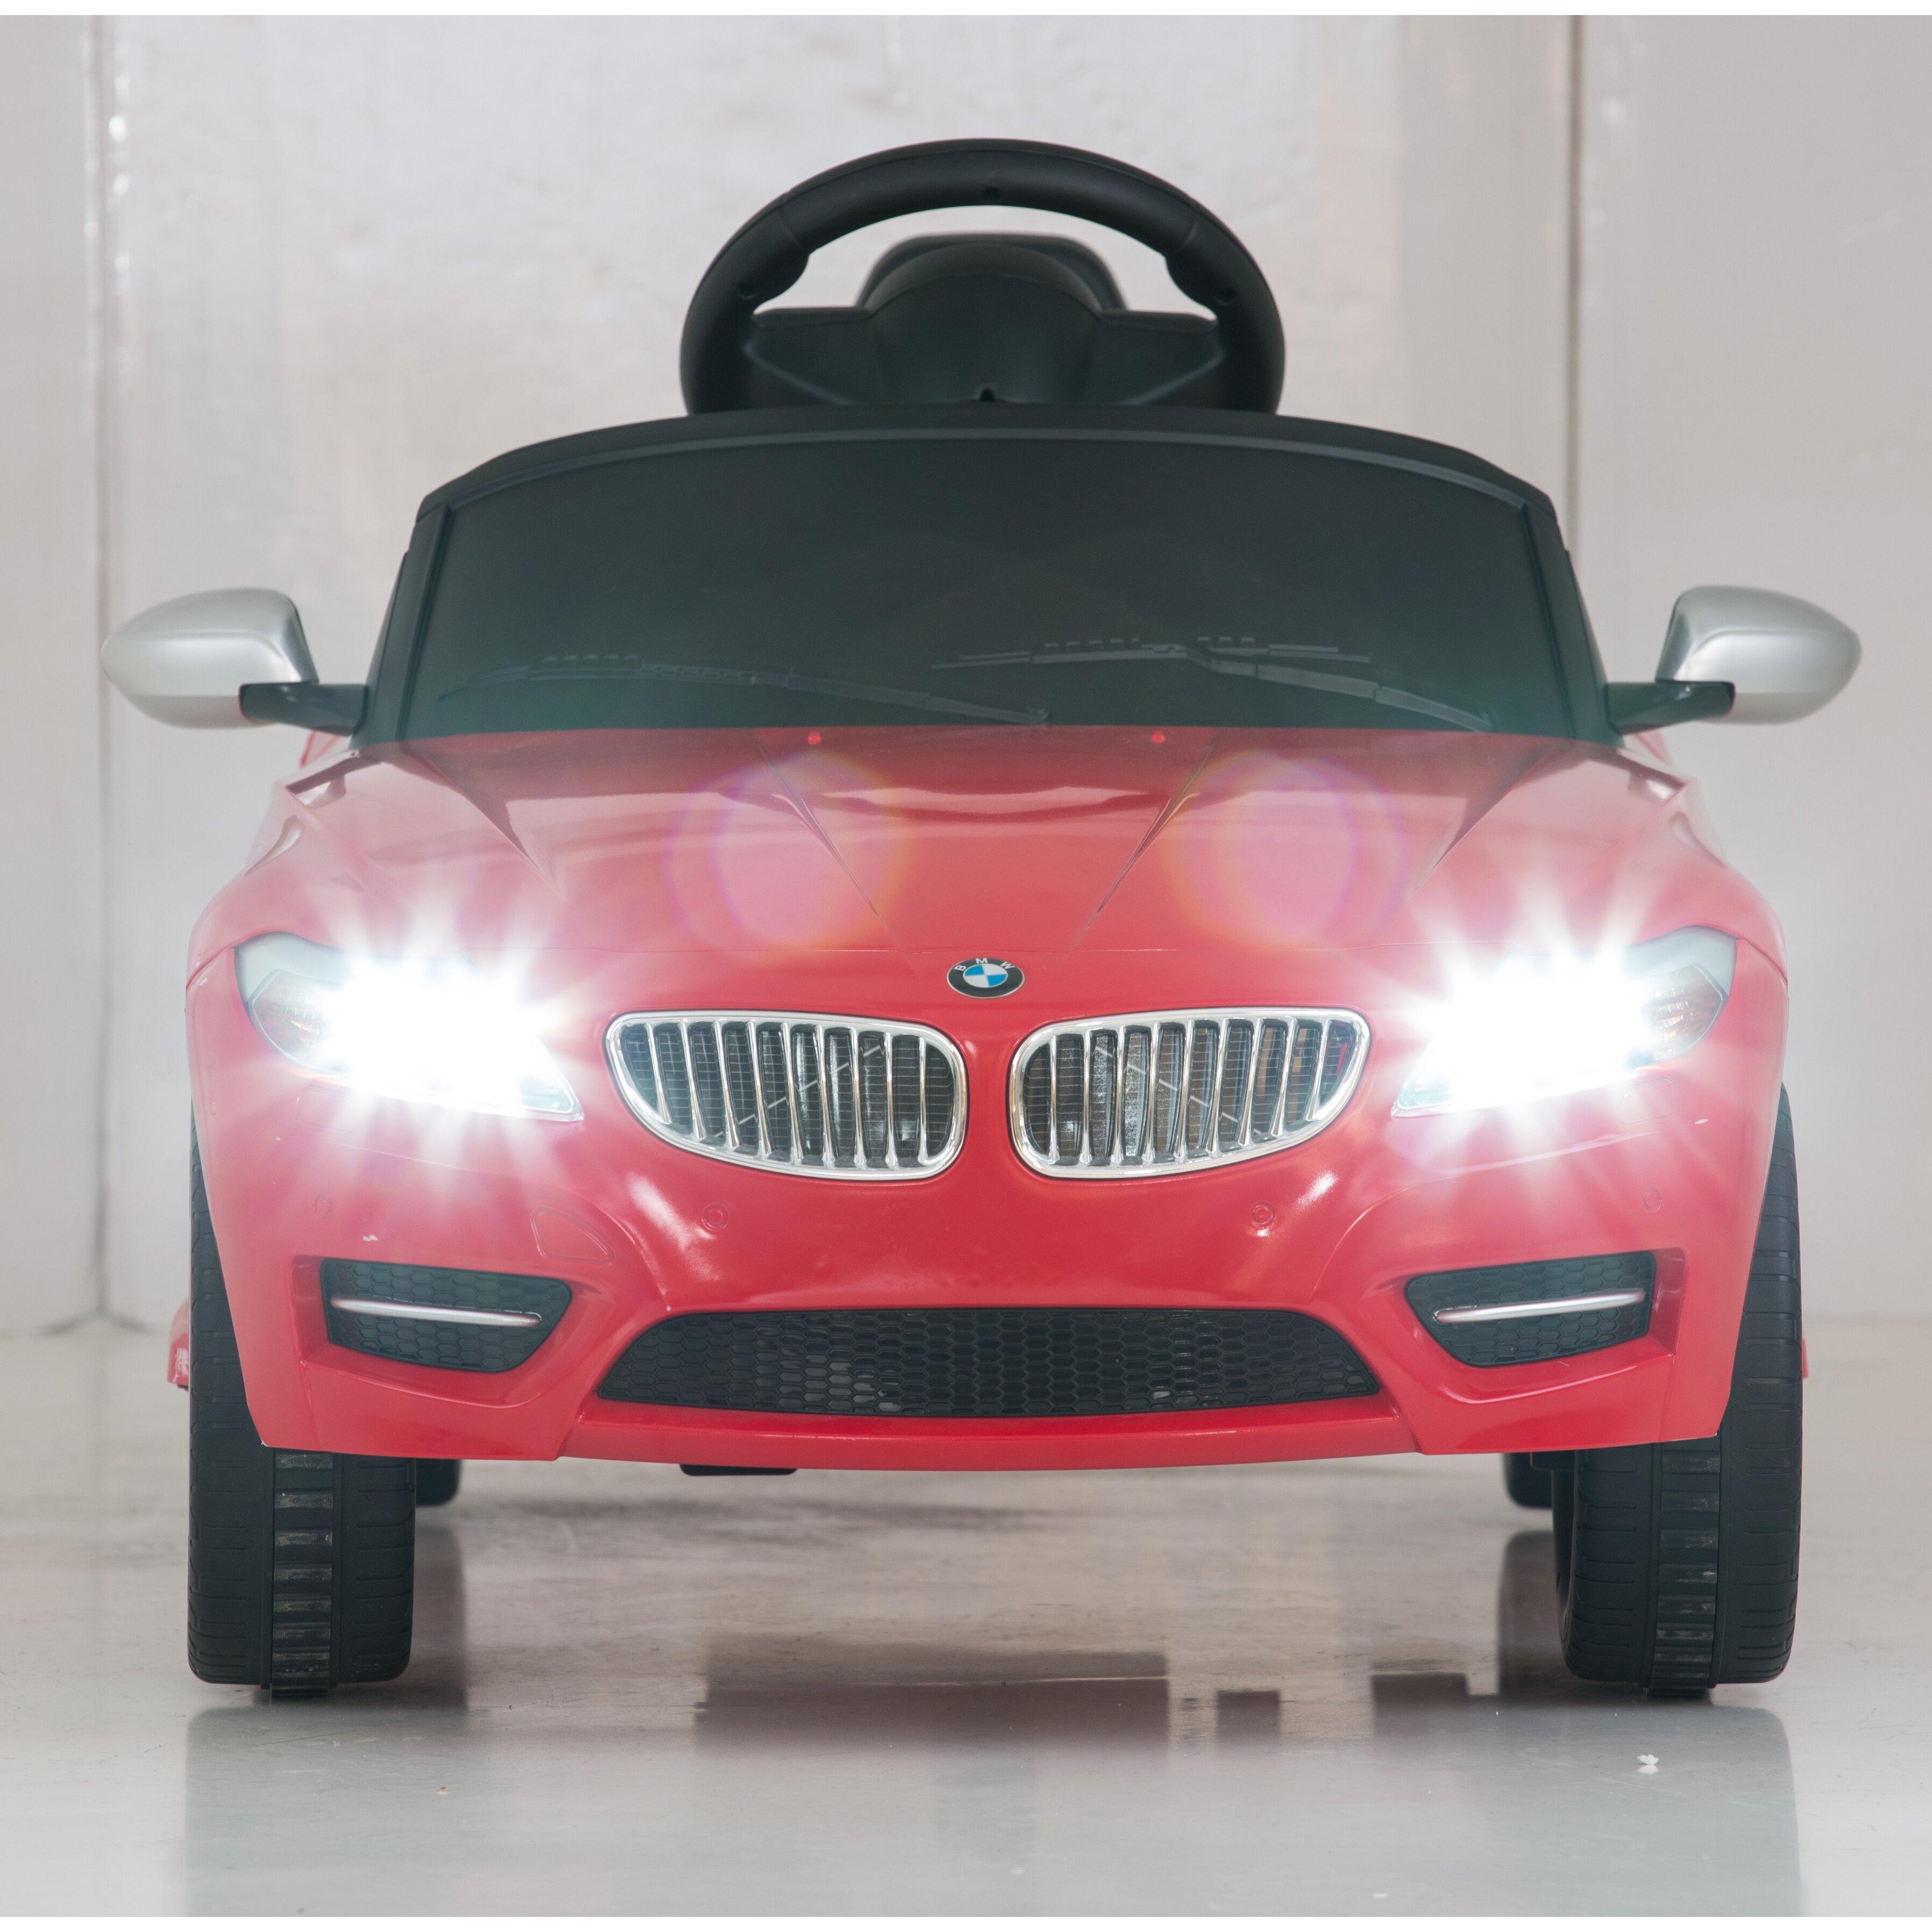 Bmw Z4 2 0 Review: Vroom Rider BMW Z4 Rastar 6V Battery Powered Car & Reviews